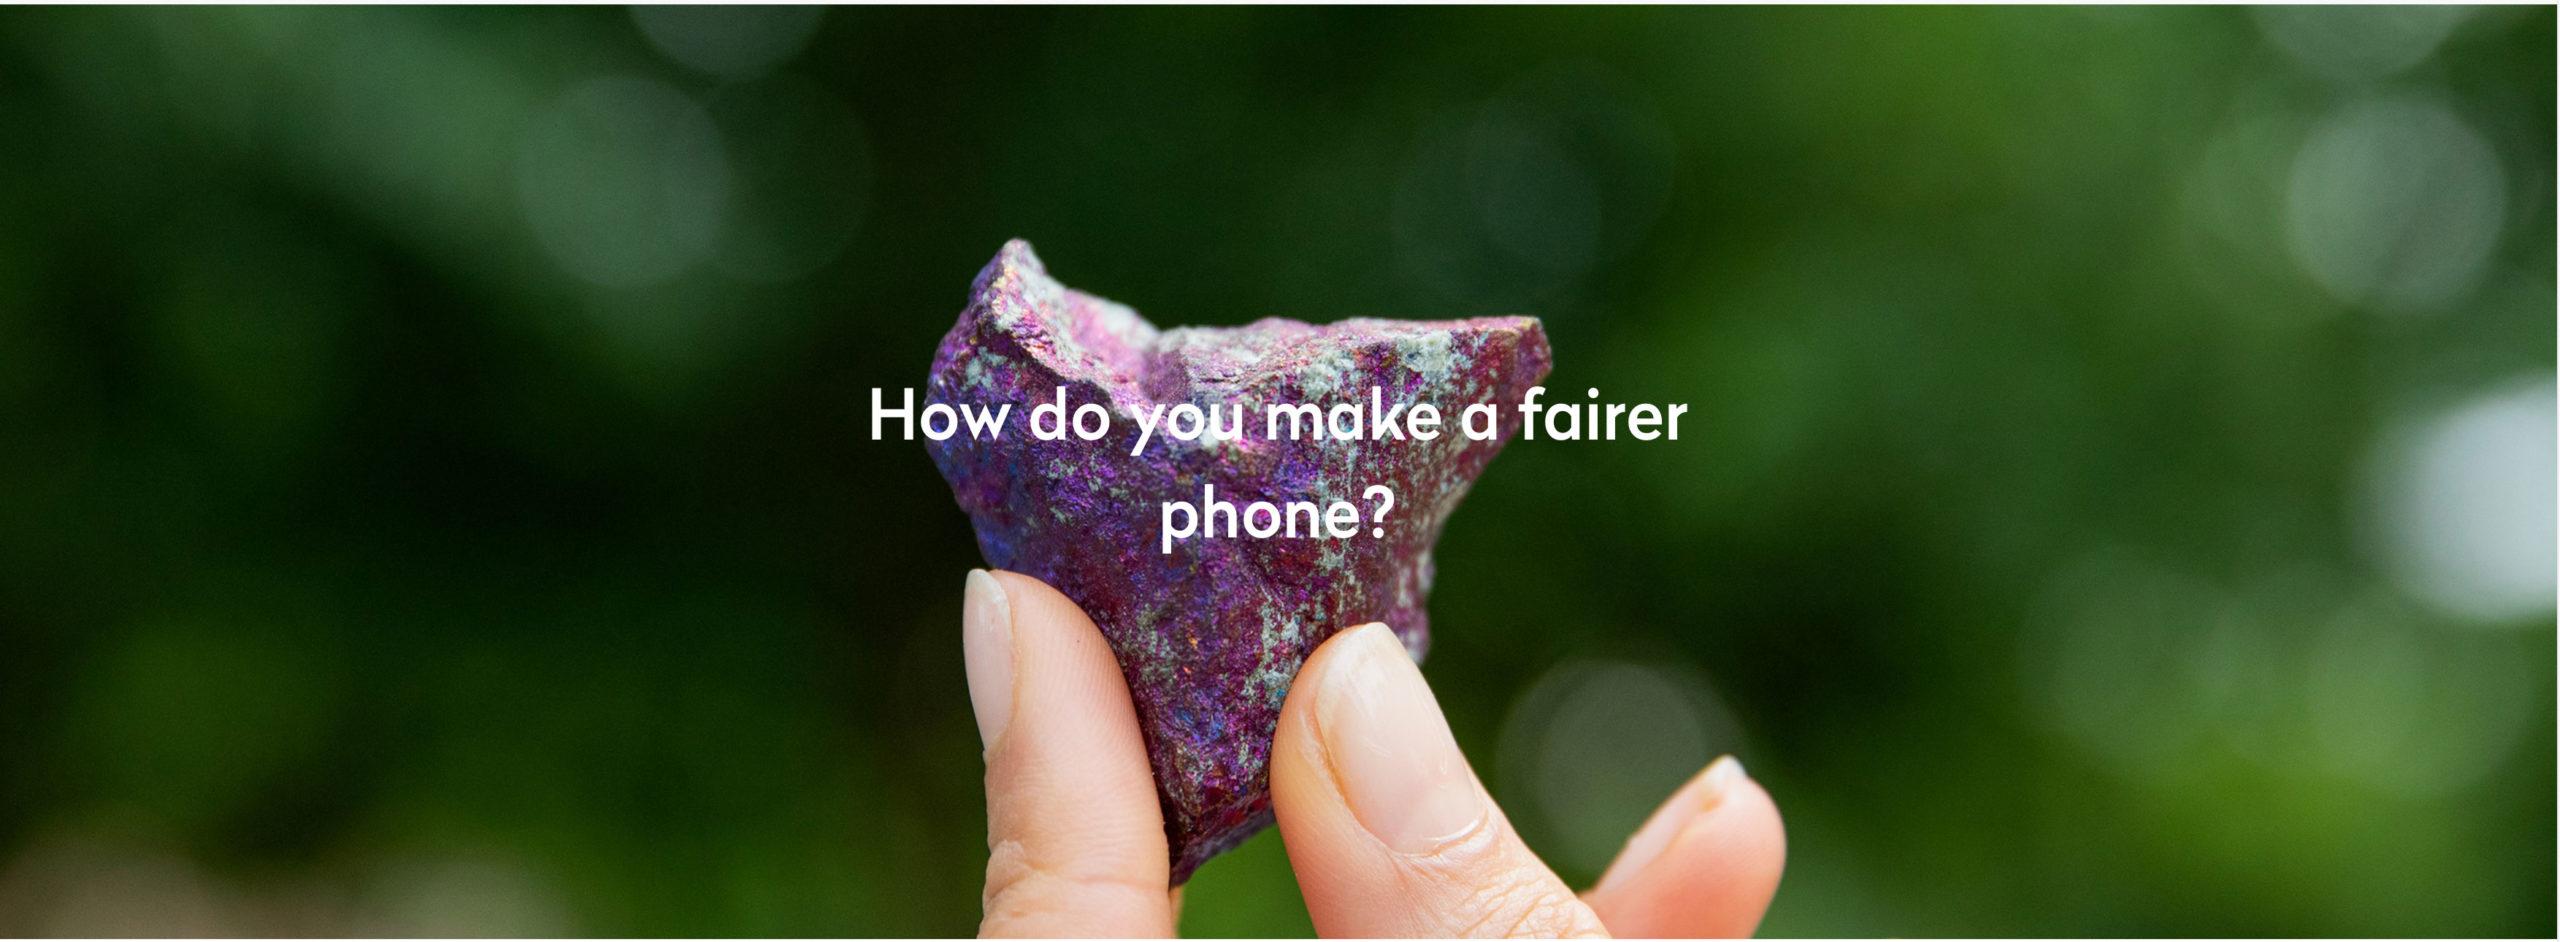 fairphone